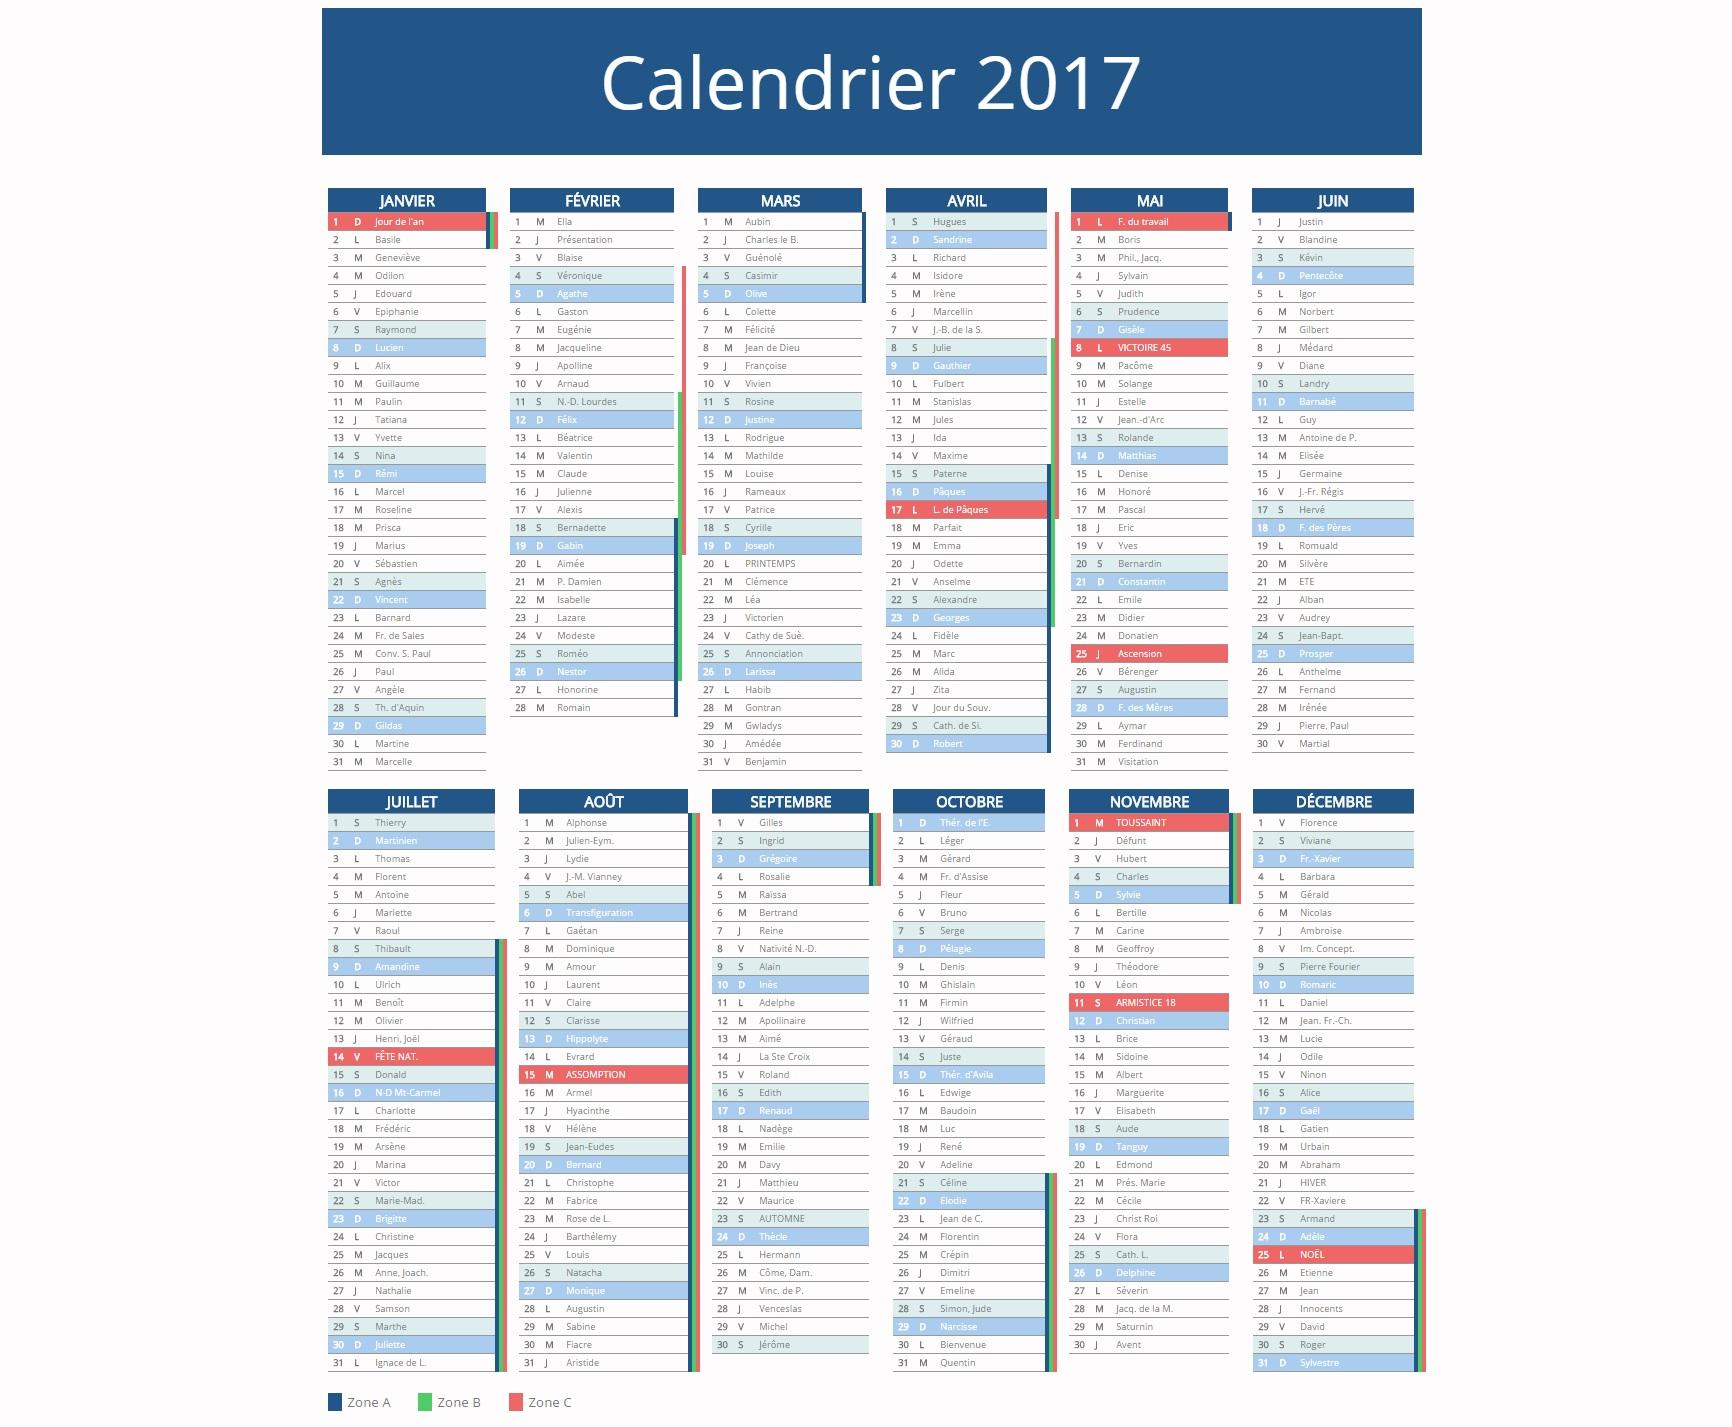 Calendrier 2017 ↠○ Vacances Scolaires & Jours Fériés 2017 tout Calendrier 2019 Avec Jours Fériés Vacances Scolaires